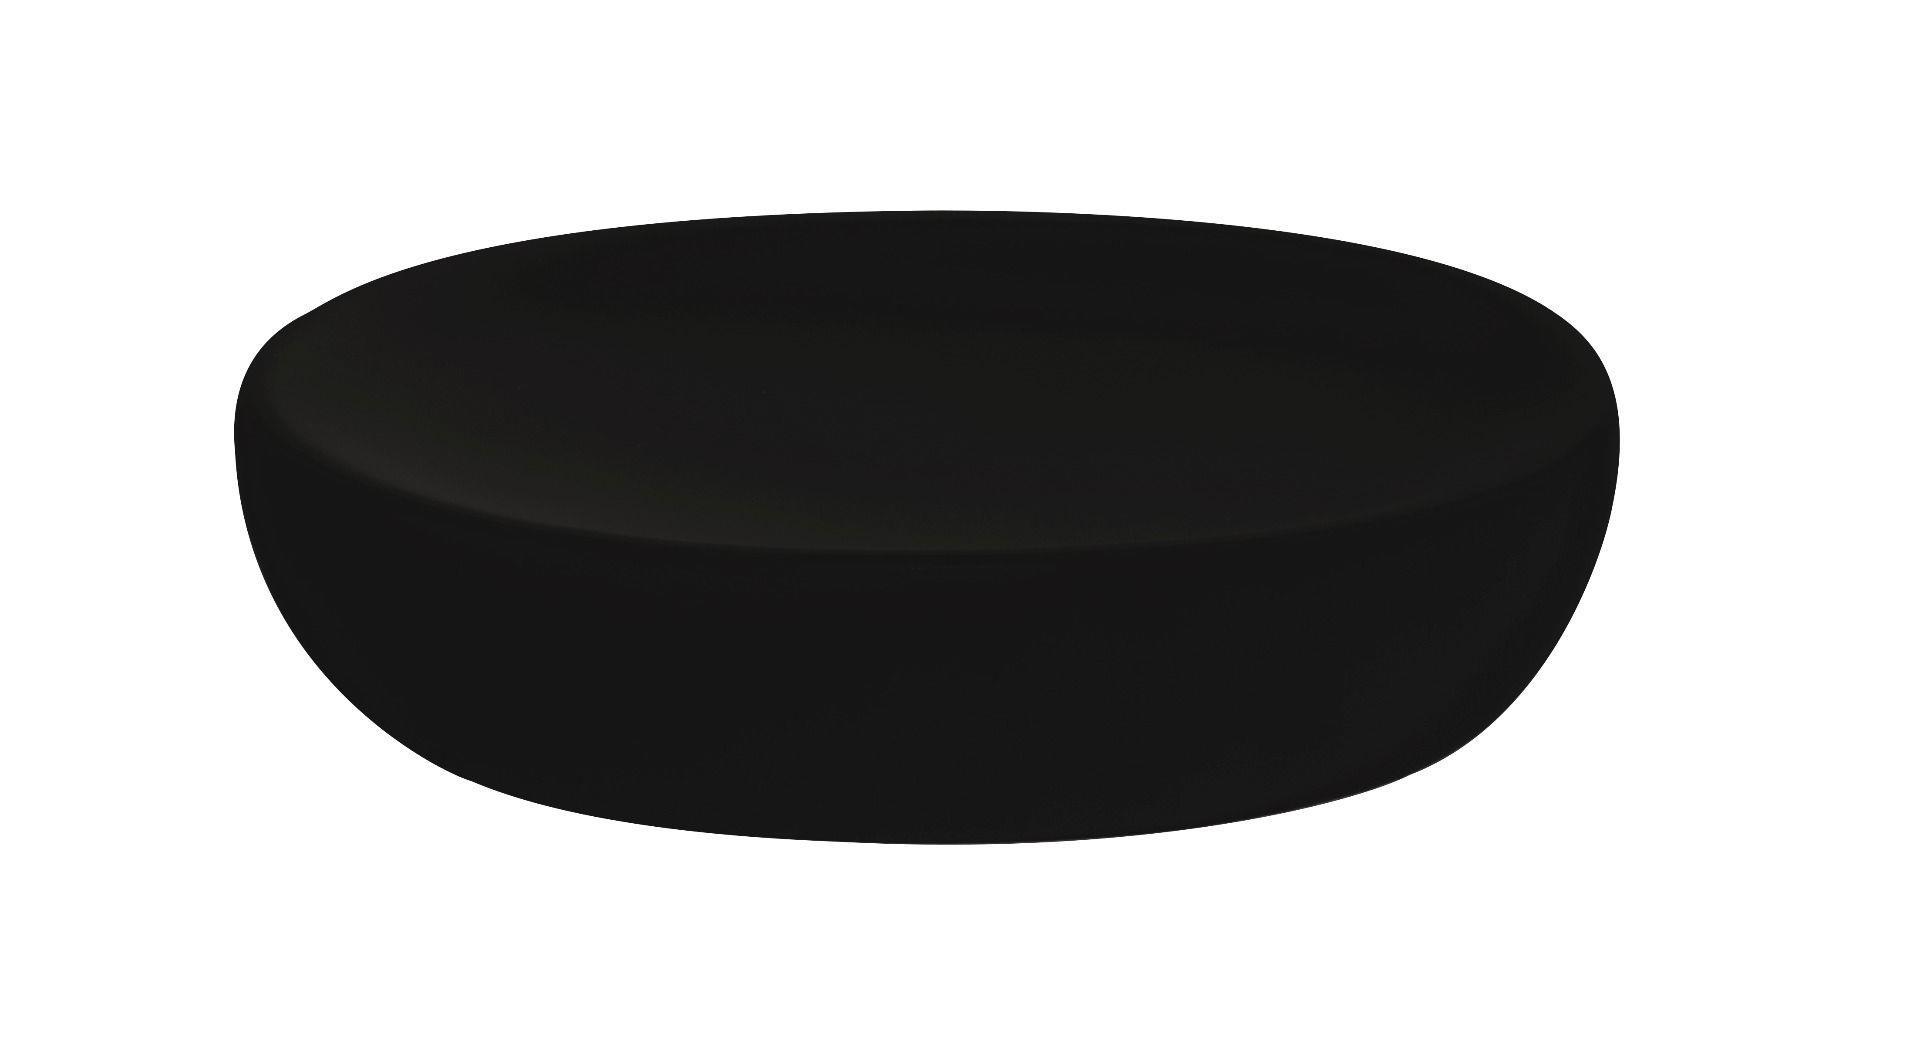 Σαπουνοθήκη bamboo πορσελάνινη μαύρη 12.3×9.4x3cm Estia 02-4613